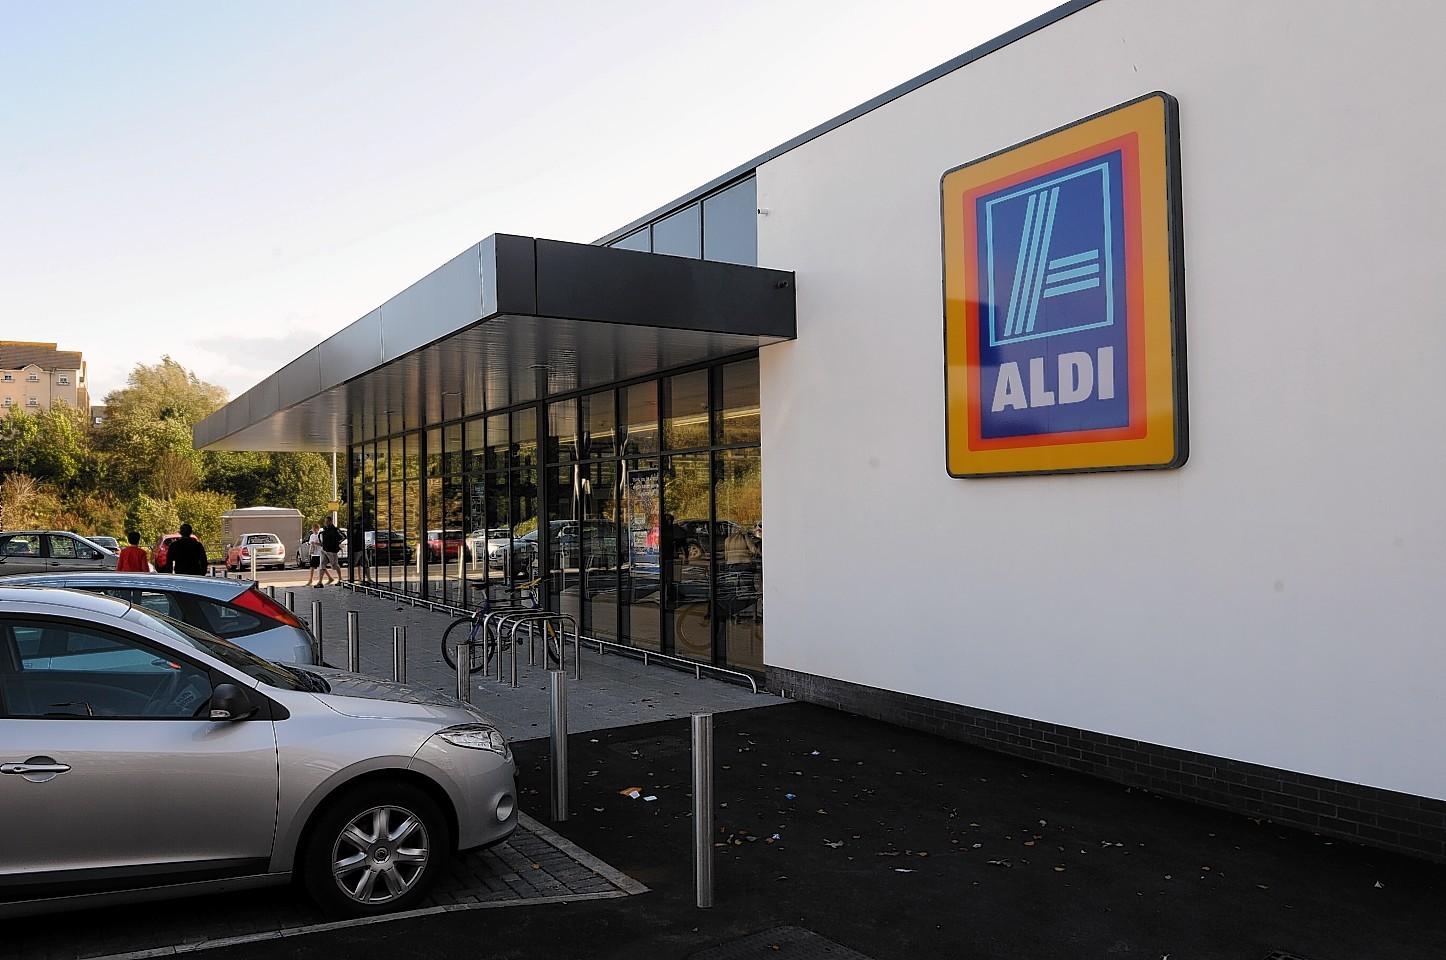 The new Aldi in Ellon